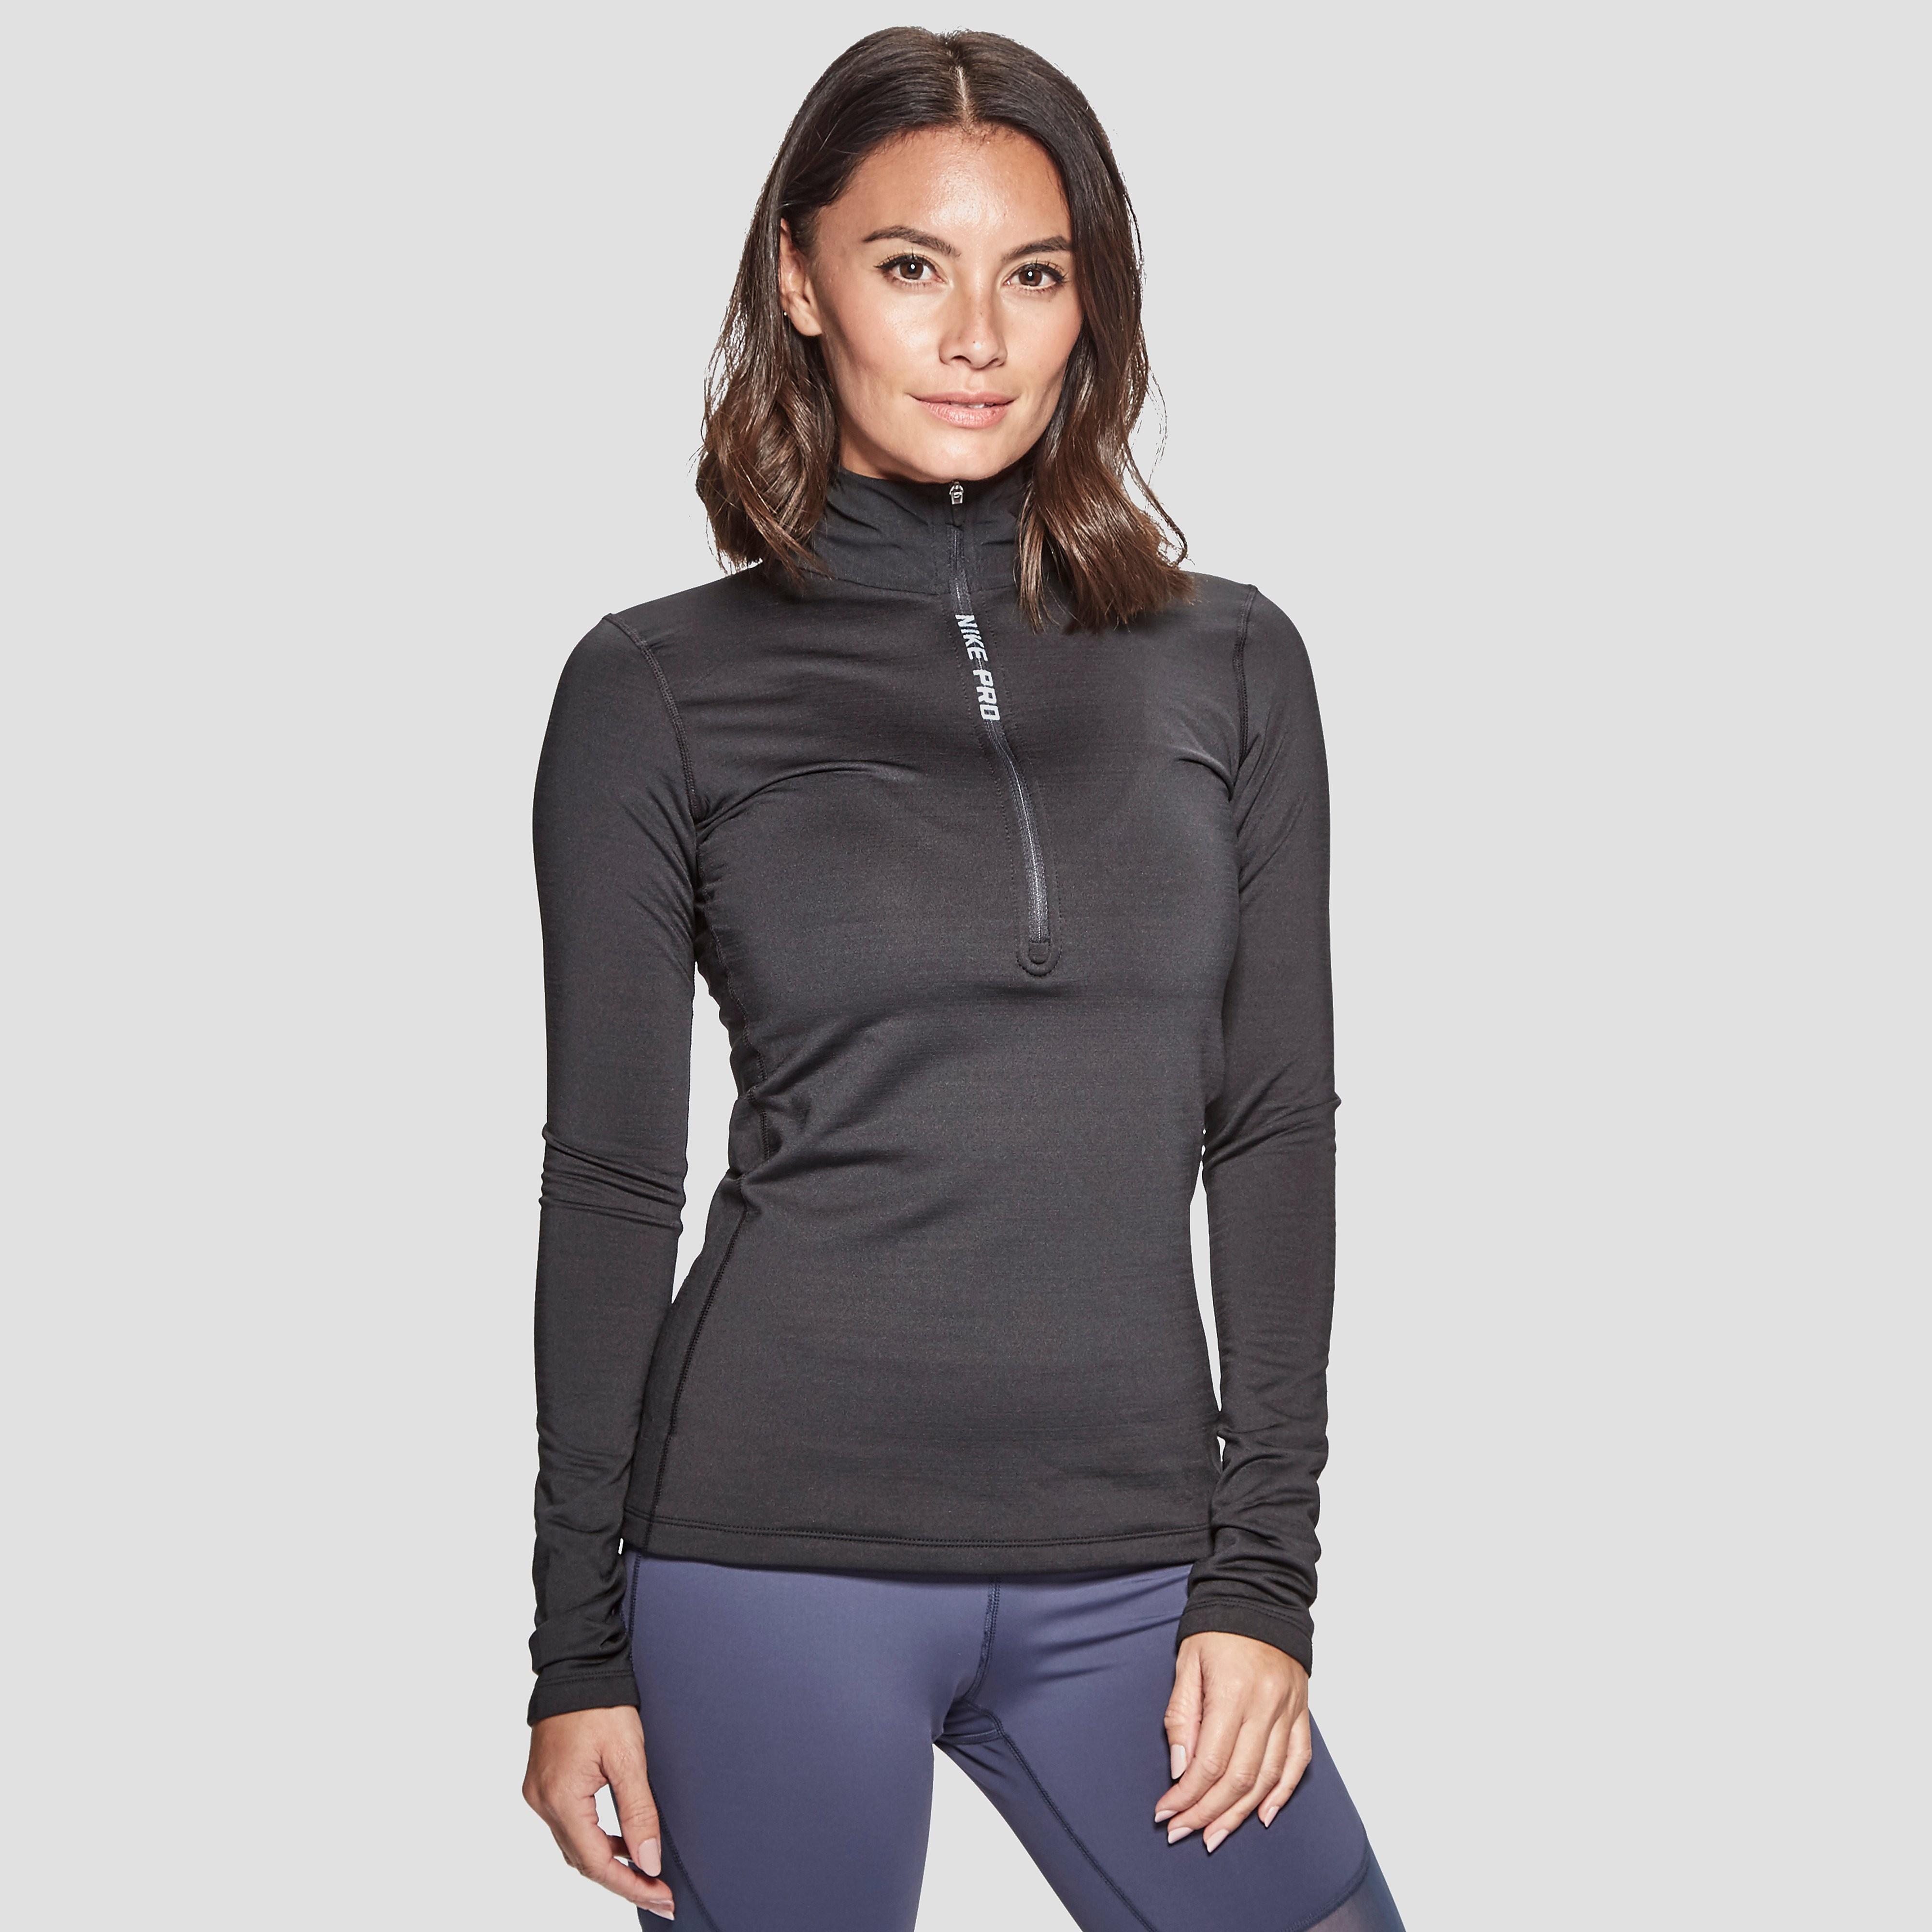 Nike HyperWarm Women's Top